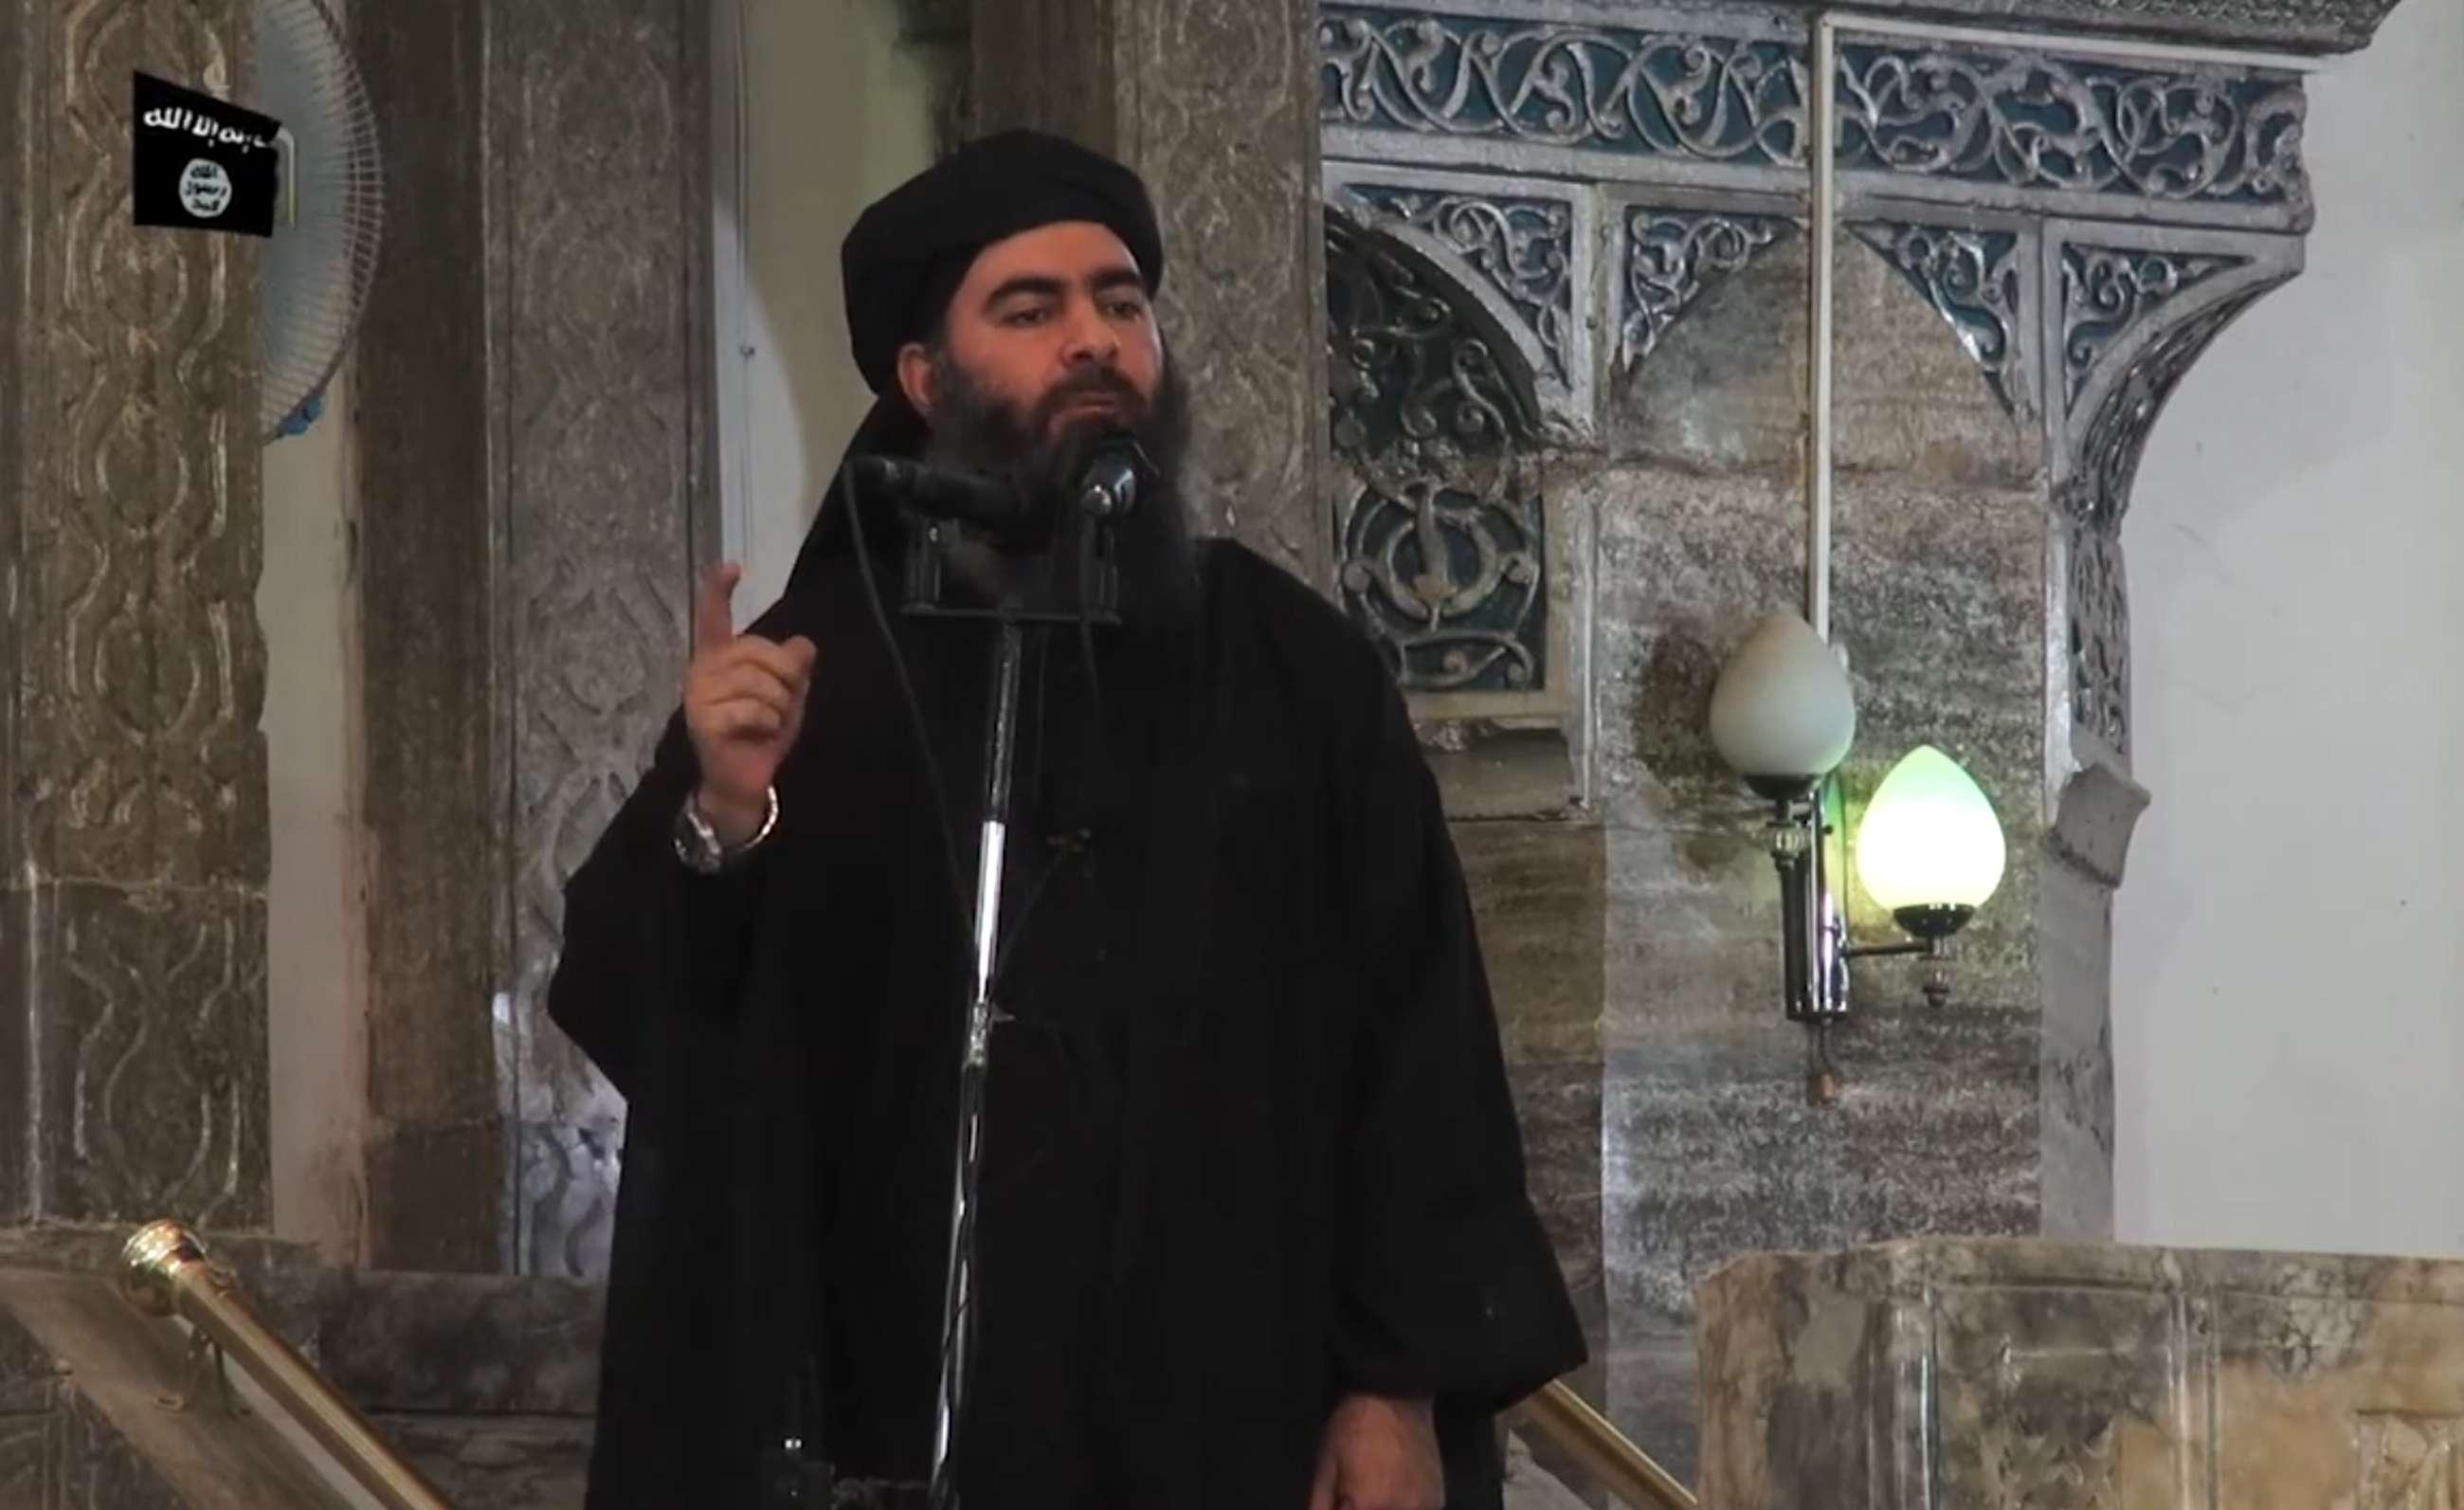 Frame de vídeo divulgado no dia 5 de julho pelo grupo Al-Furqan mostra o que seria Abu Bakr al-Baghdadi, anunciado como o califa Ibrahim, novo líder do Estado Islâmico; o vídeo teria sido feito em uma mesquita de Mosul, no Iraque Foto: Al Furwan Media / HO/AFP